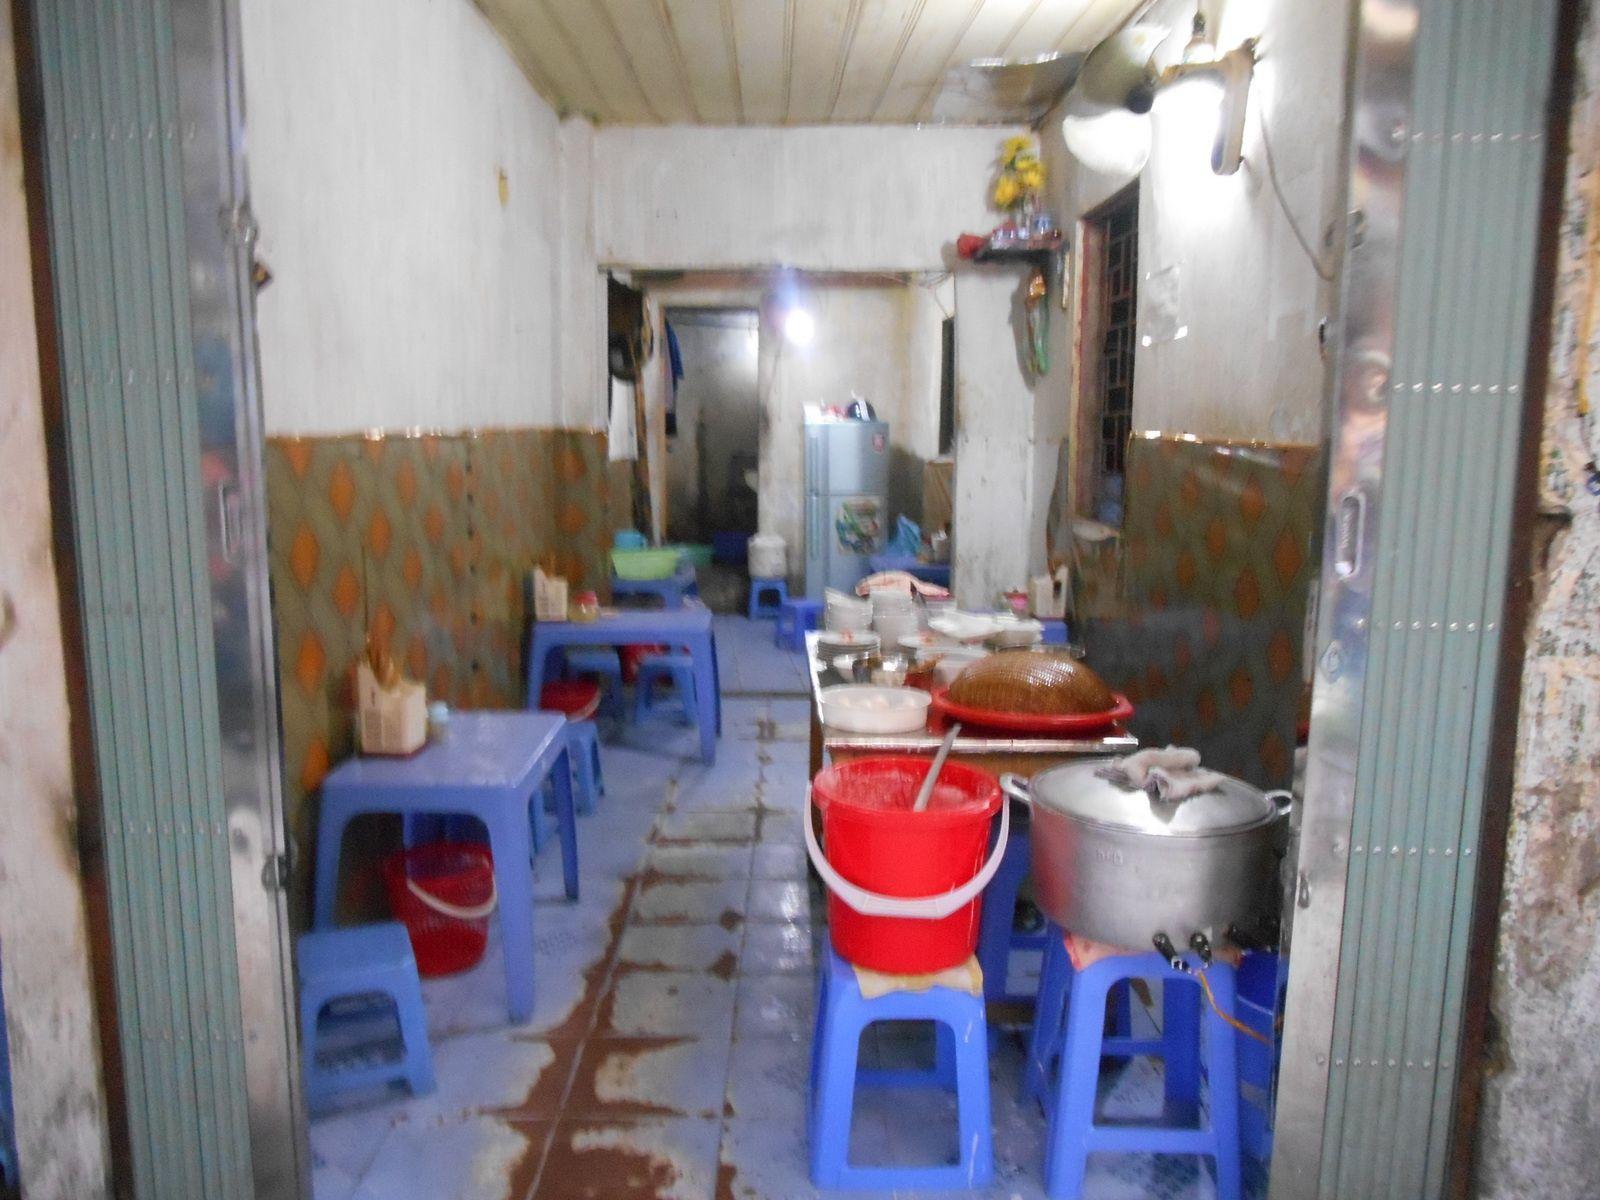 Préparation de plats dans des locaux exigus...